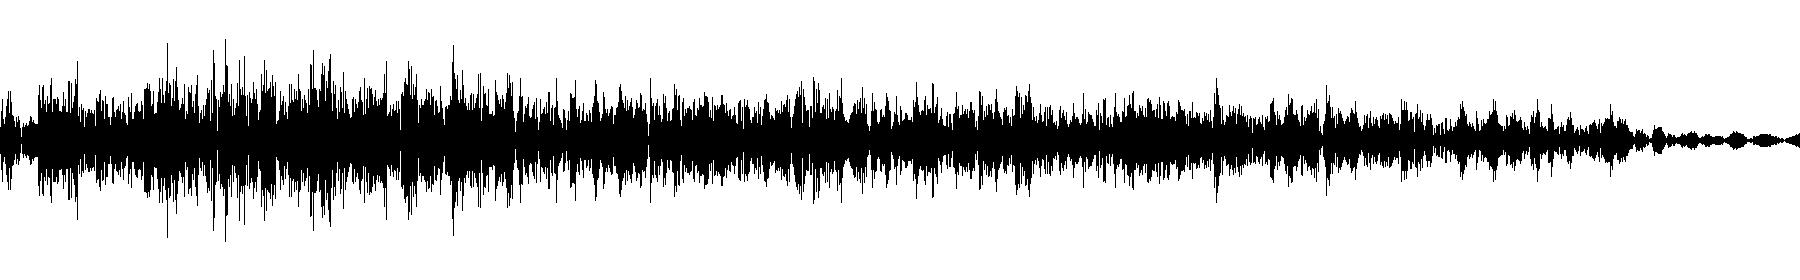 veh2 synths   074 c